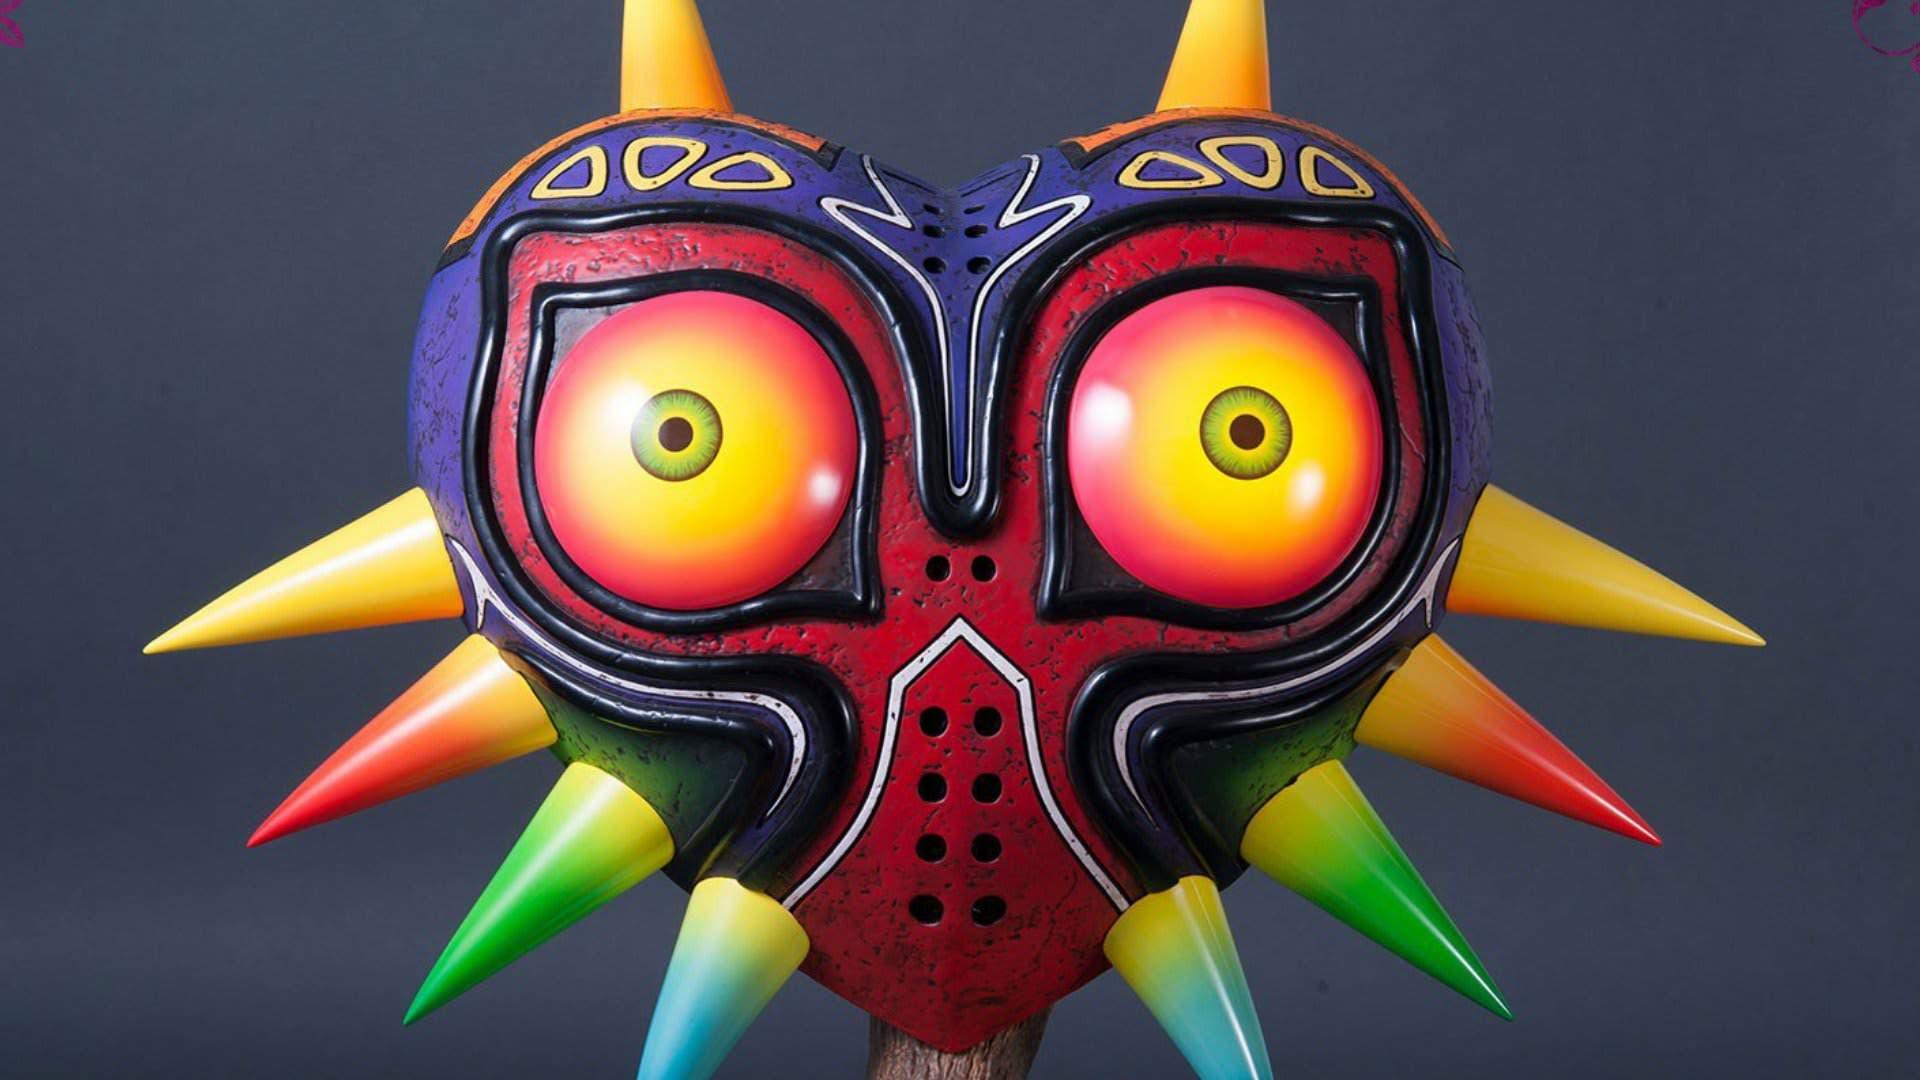 Vídeo documental de la producción de las figuras de tamaño real de Majora's Mask